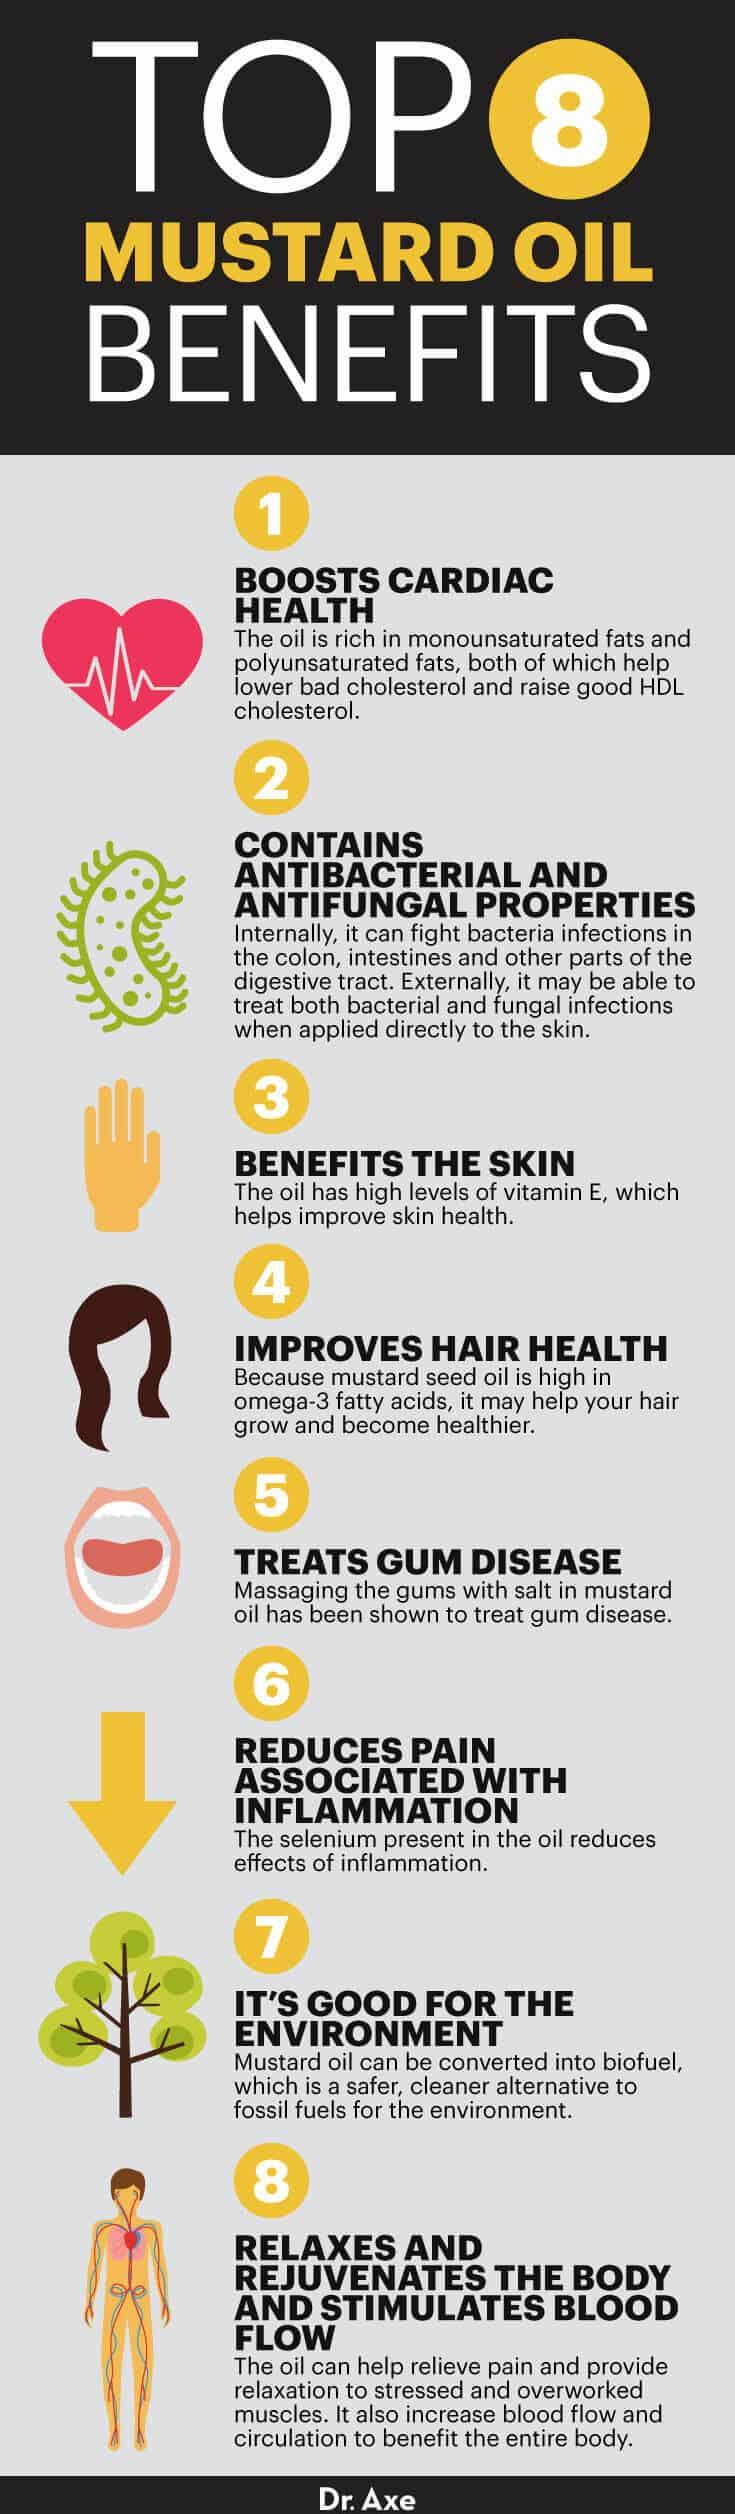 Mustard oil benefits - Dr. Axe